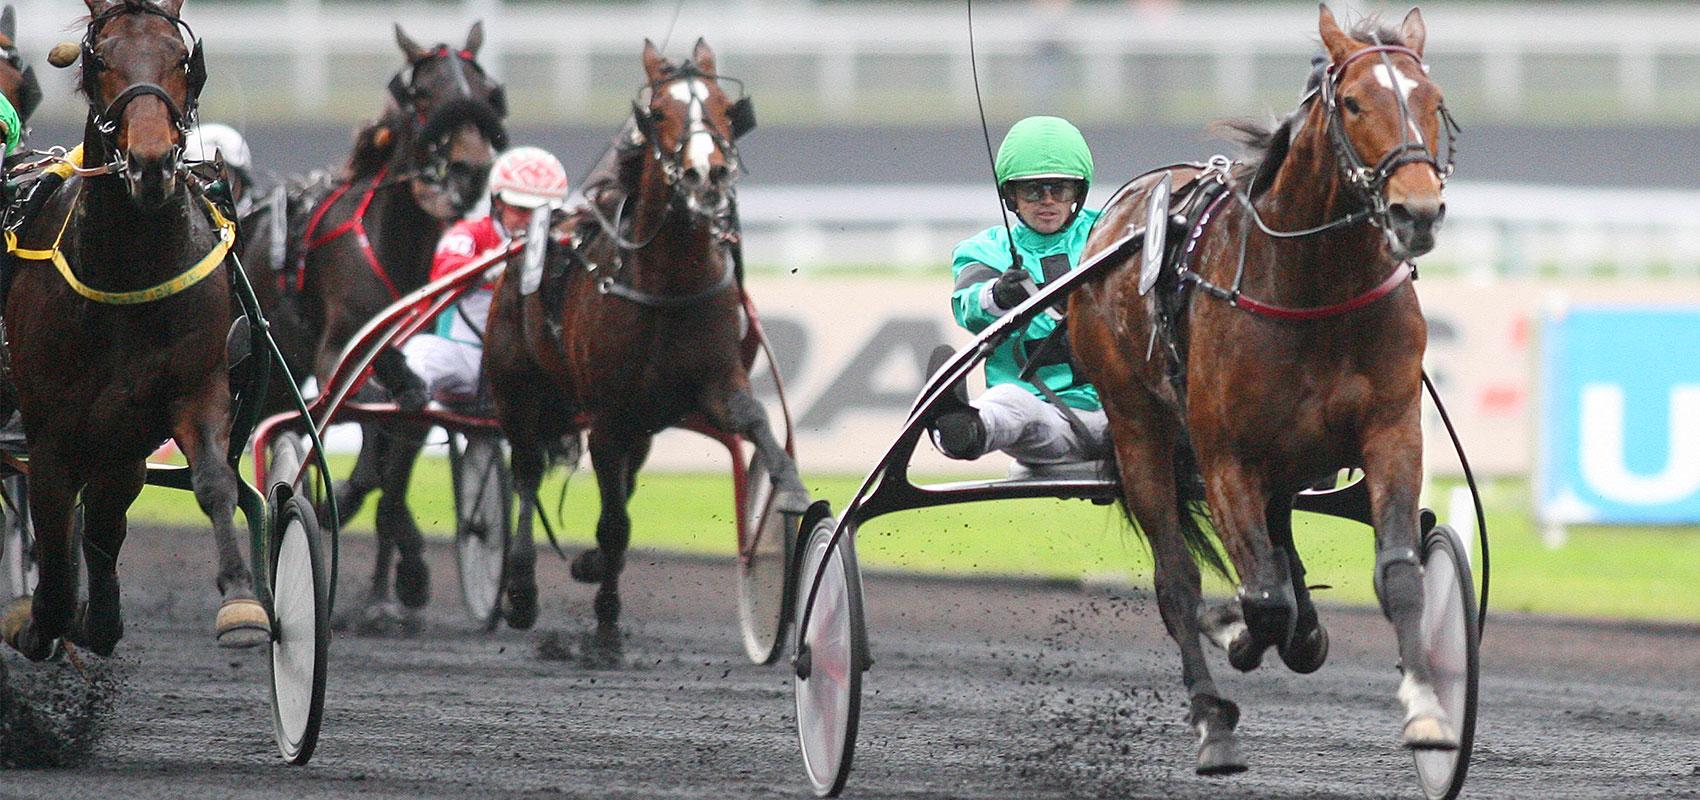 Prix d'Amérique Races ZEturf QUALIF #3 and #4 key figures